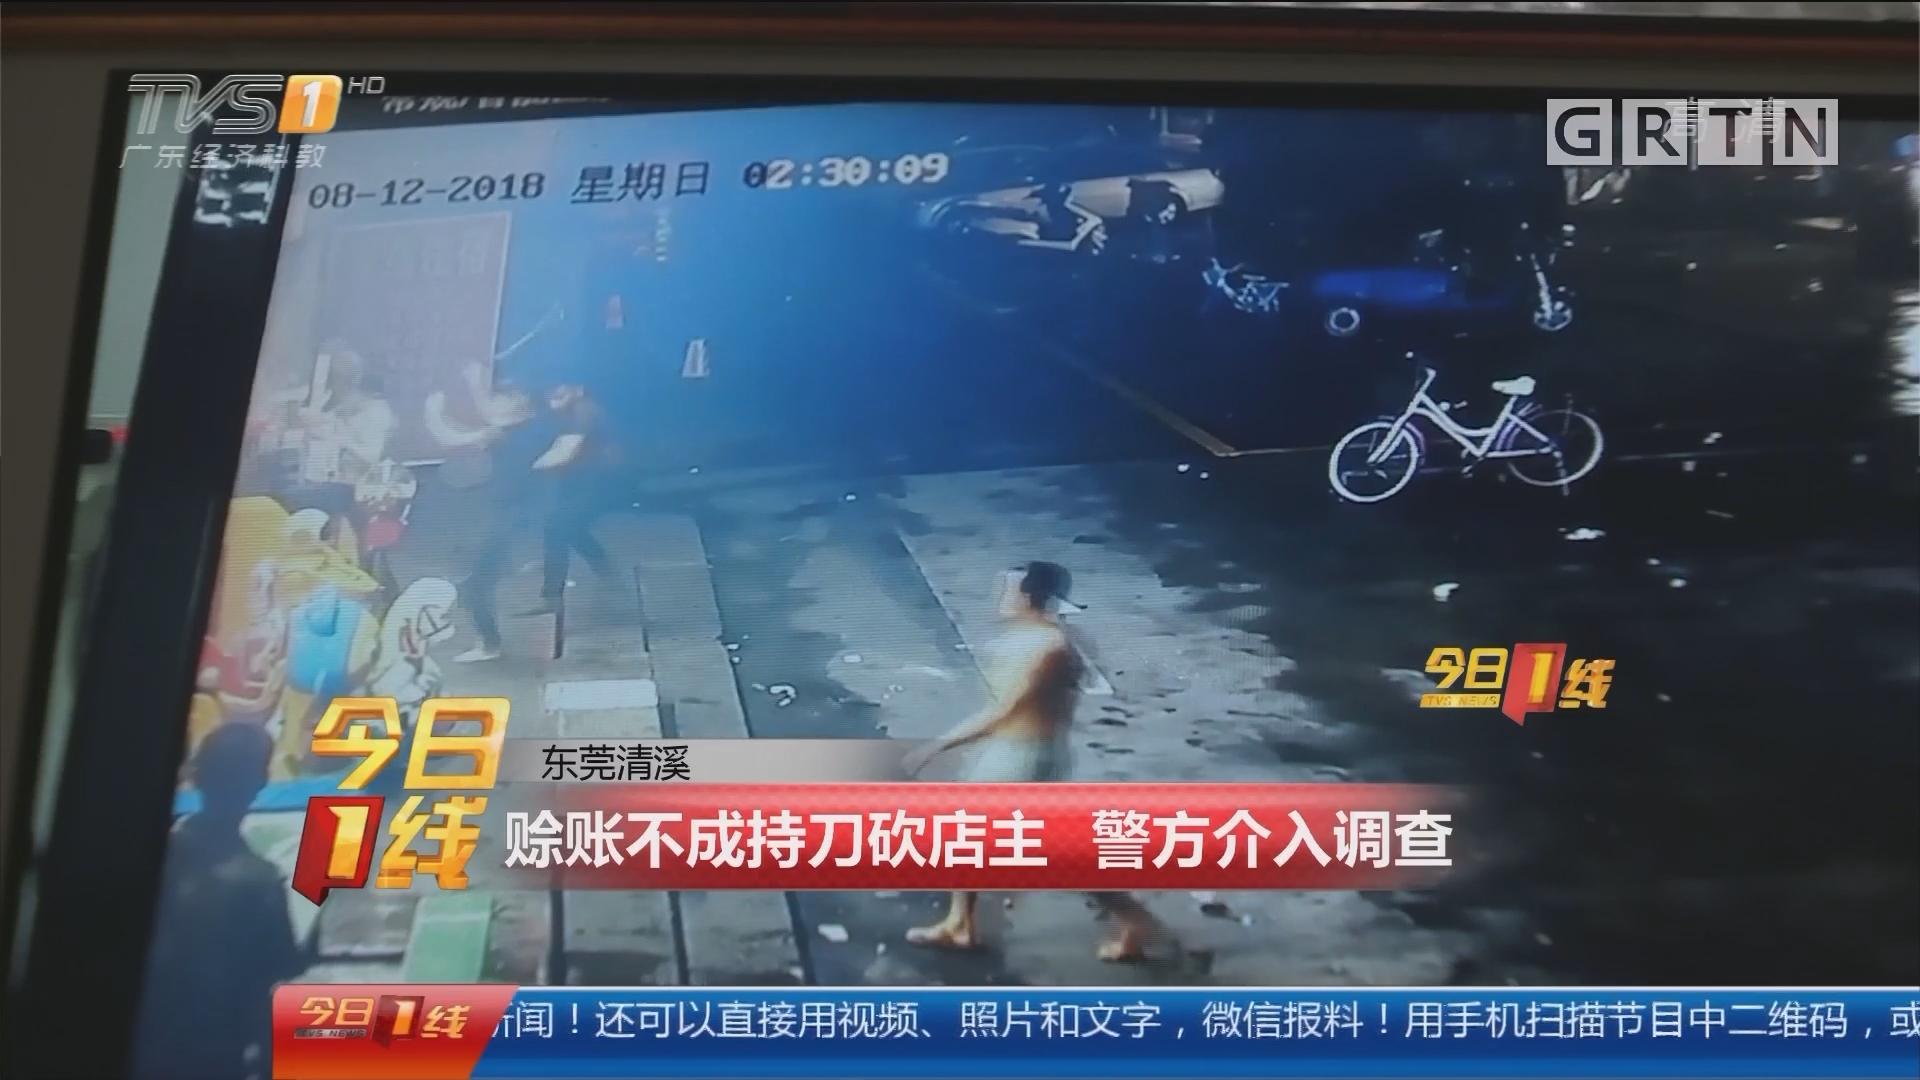 东莞清溪:赊账不成持刀砍店主 警方介入调查